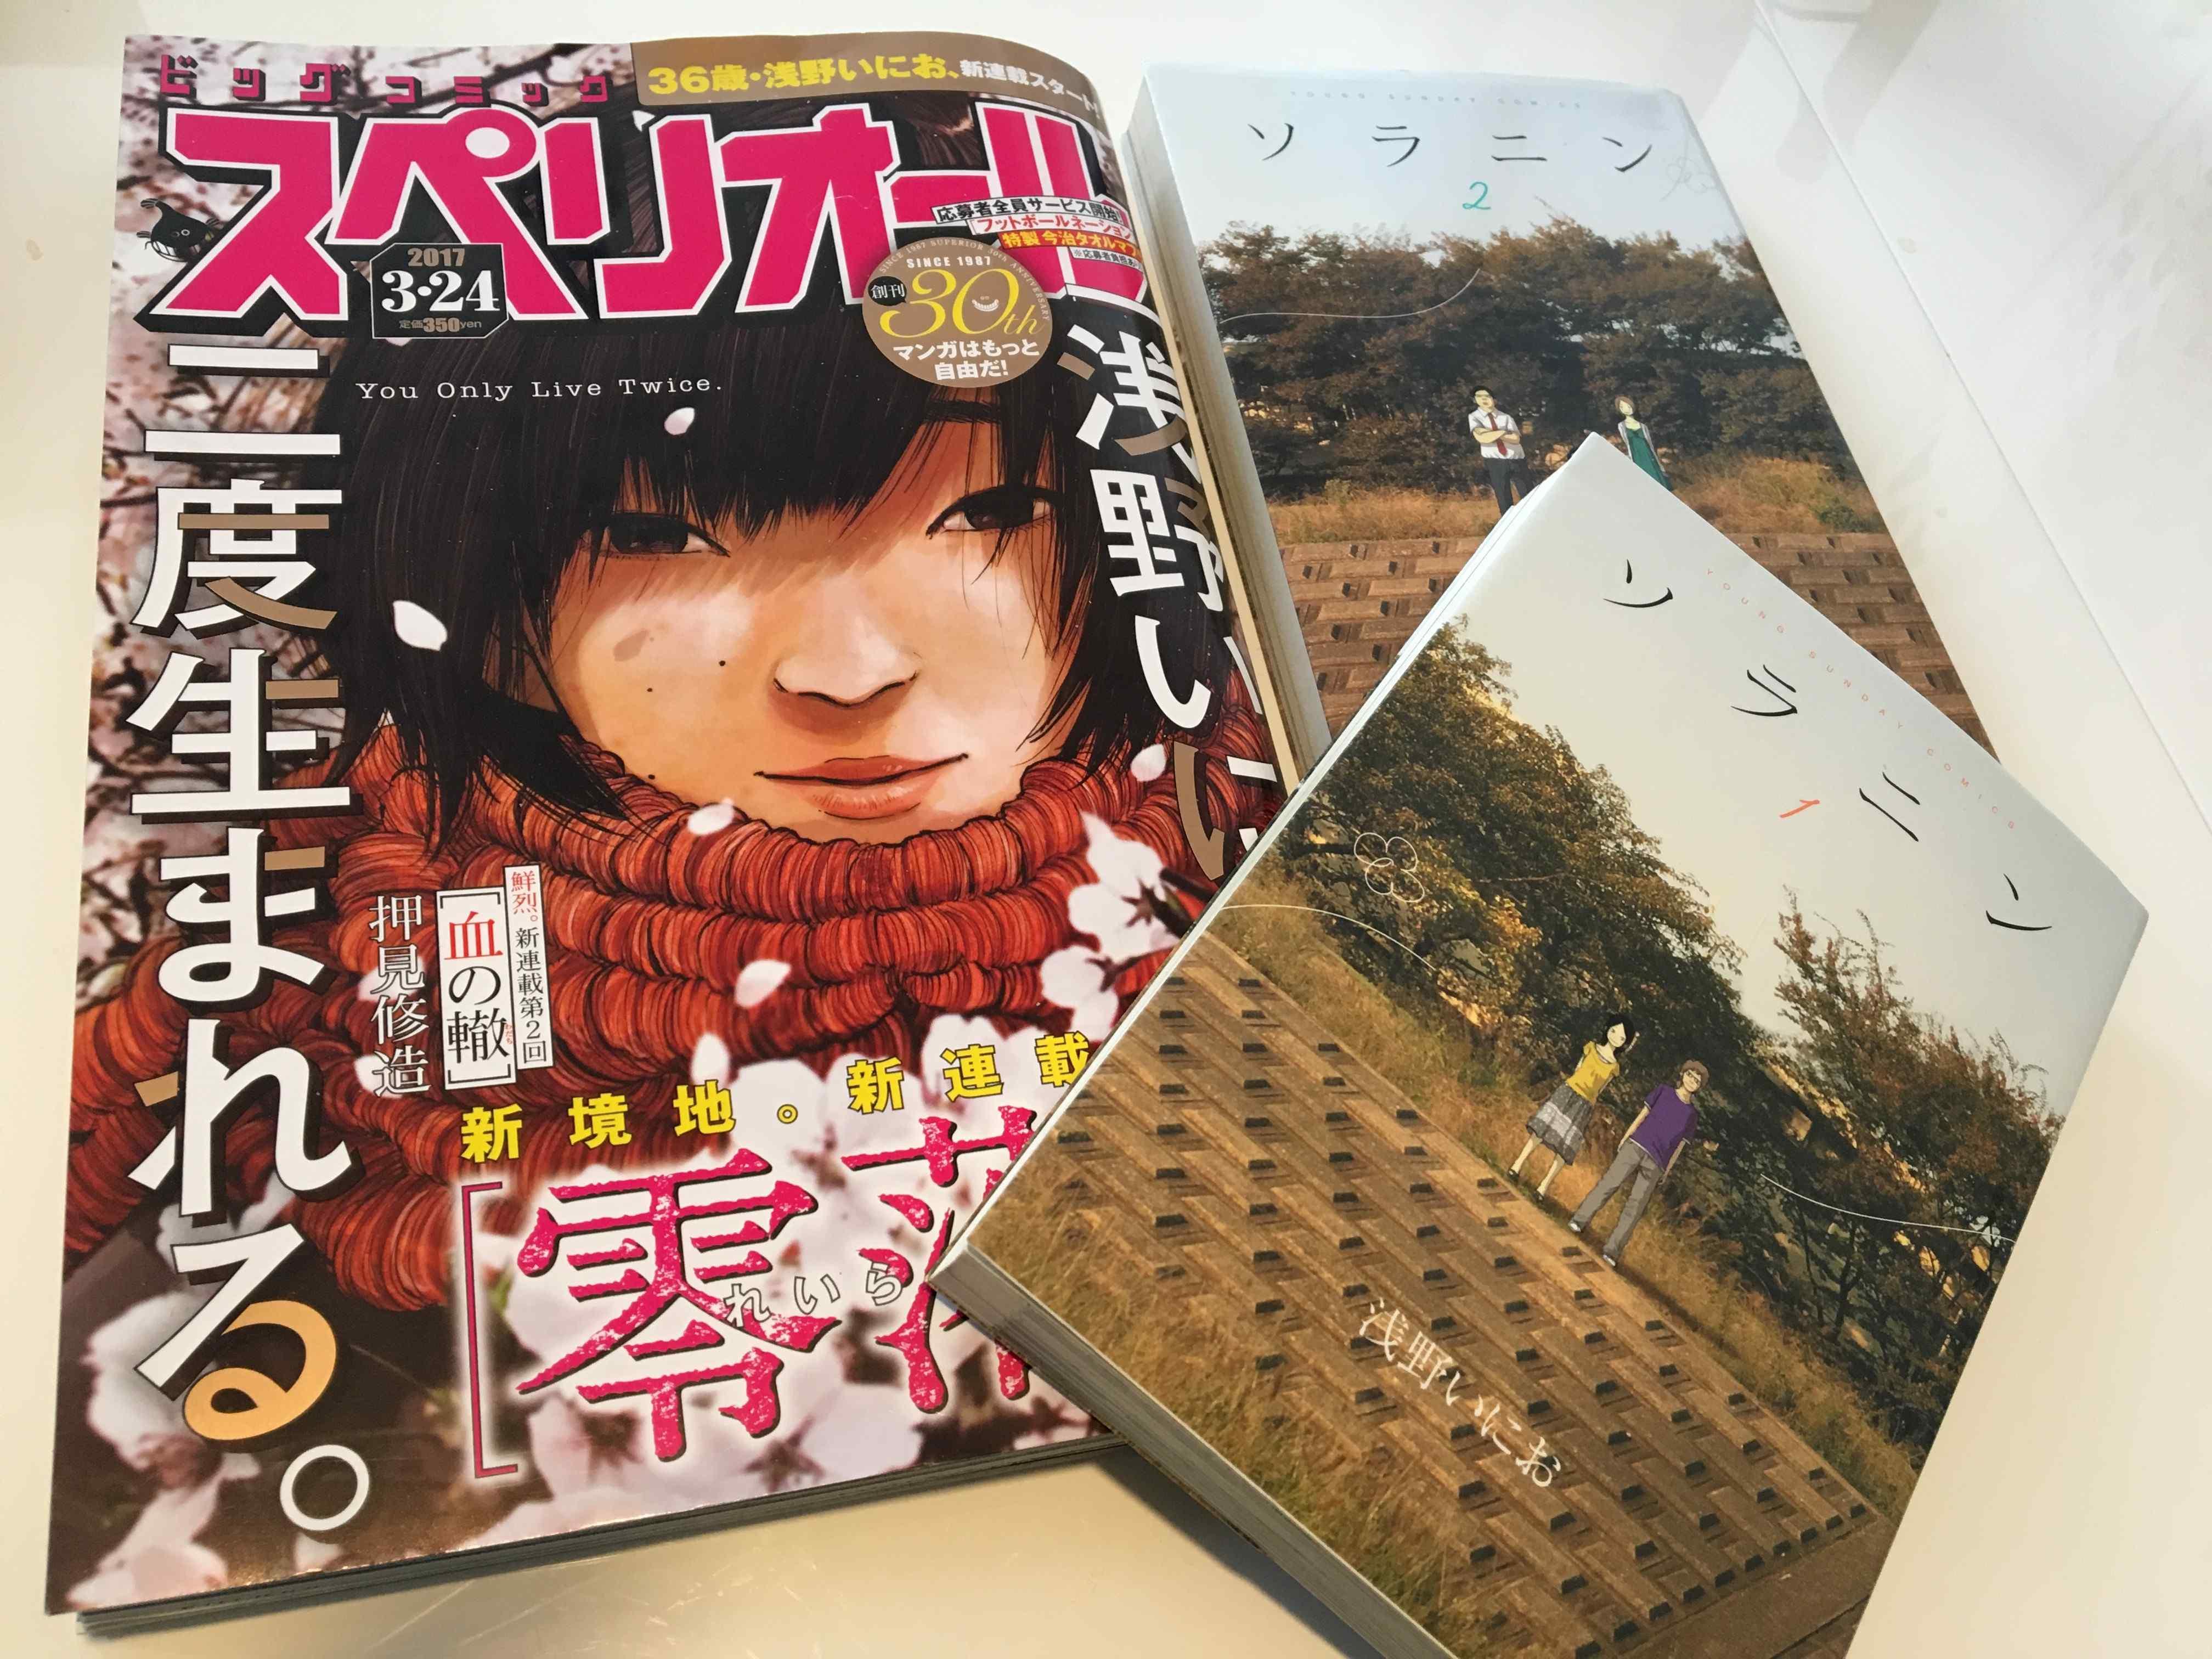 【ネタバレ】浅野いにお最新作『零落』1話目を読んでの感想!ソラニンの空気を感じたのは最初だけだった。